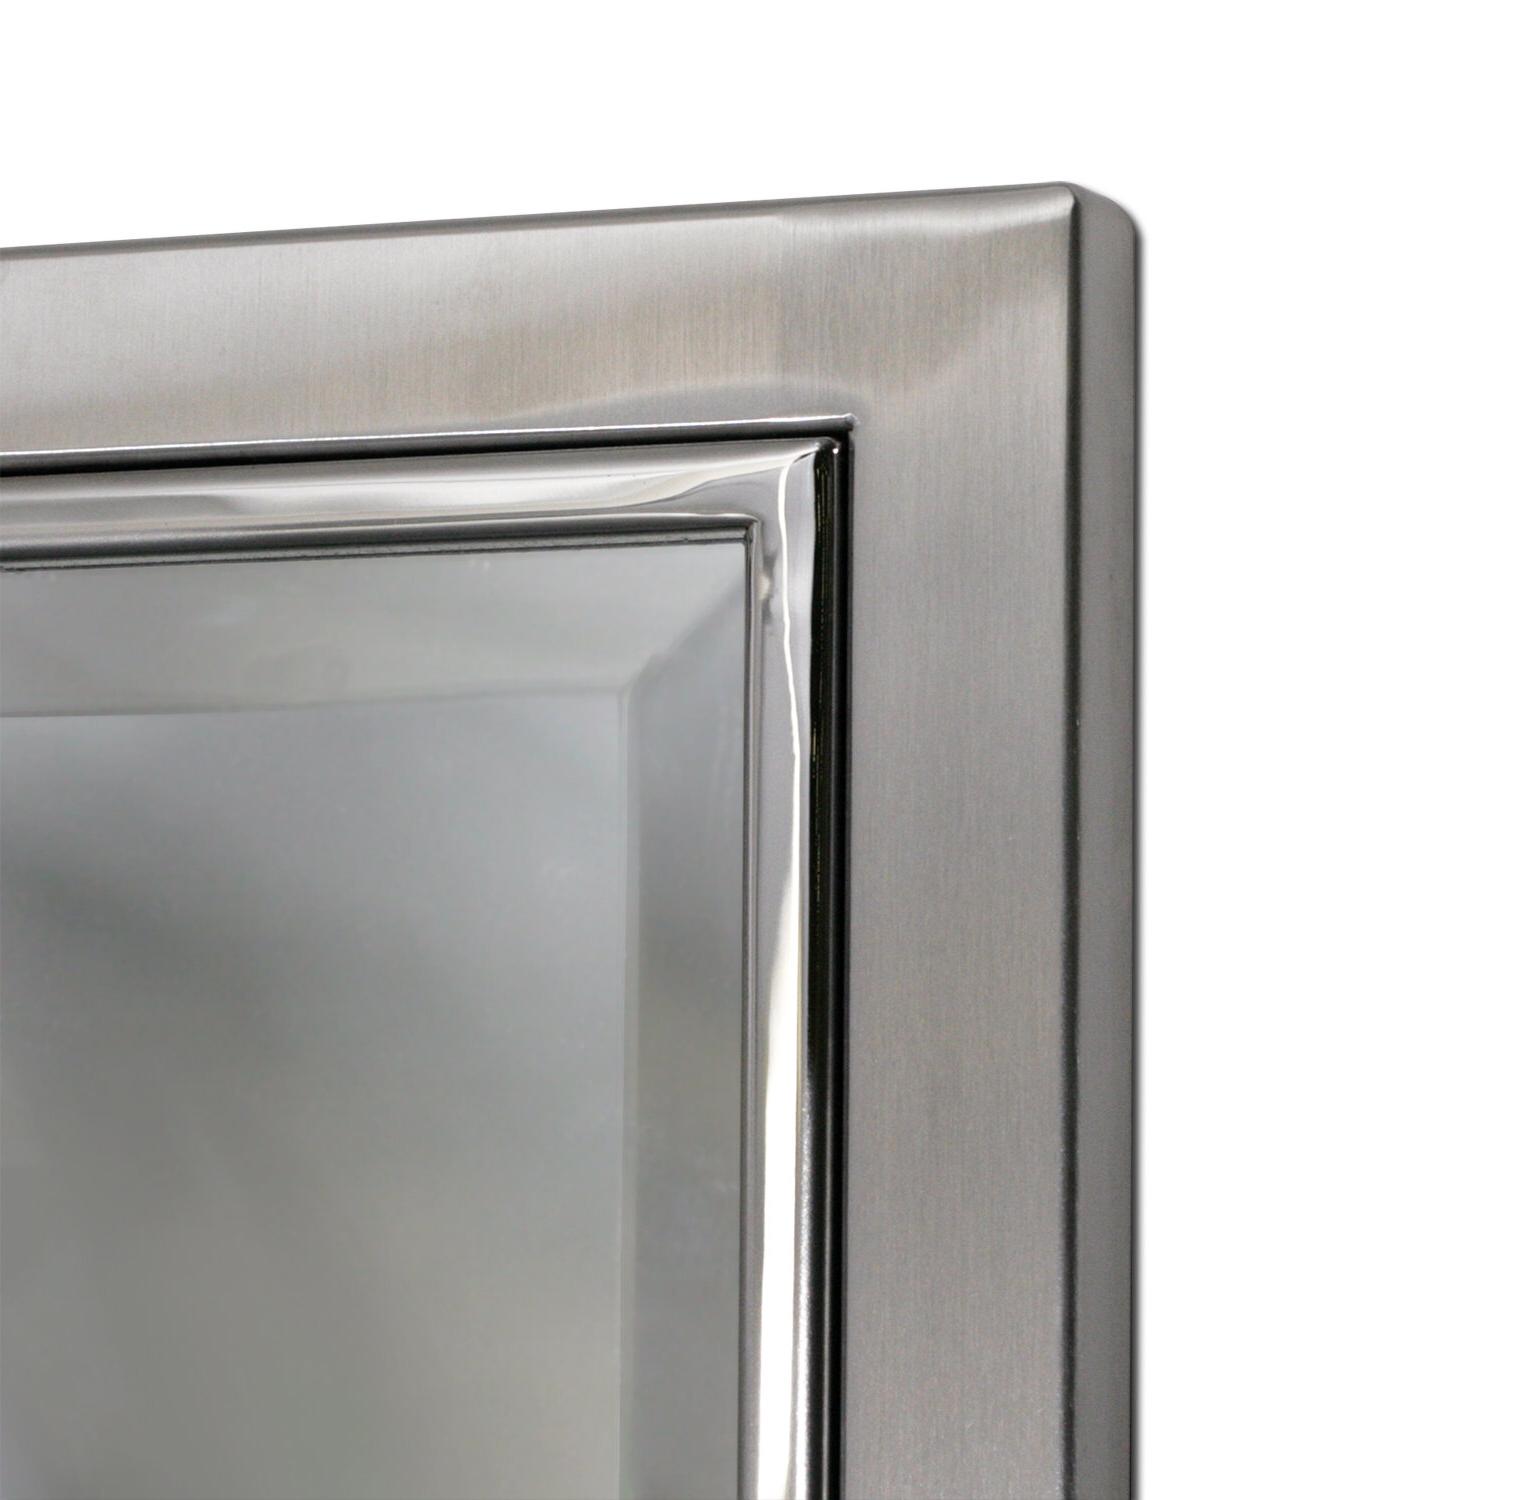 2020 Kennith Classic Metal Framed Bathroom/vanity Wall Mirror Pertaining To Metal Framed Wall Mirrors (View 2 of 20)